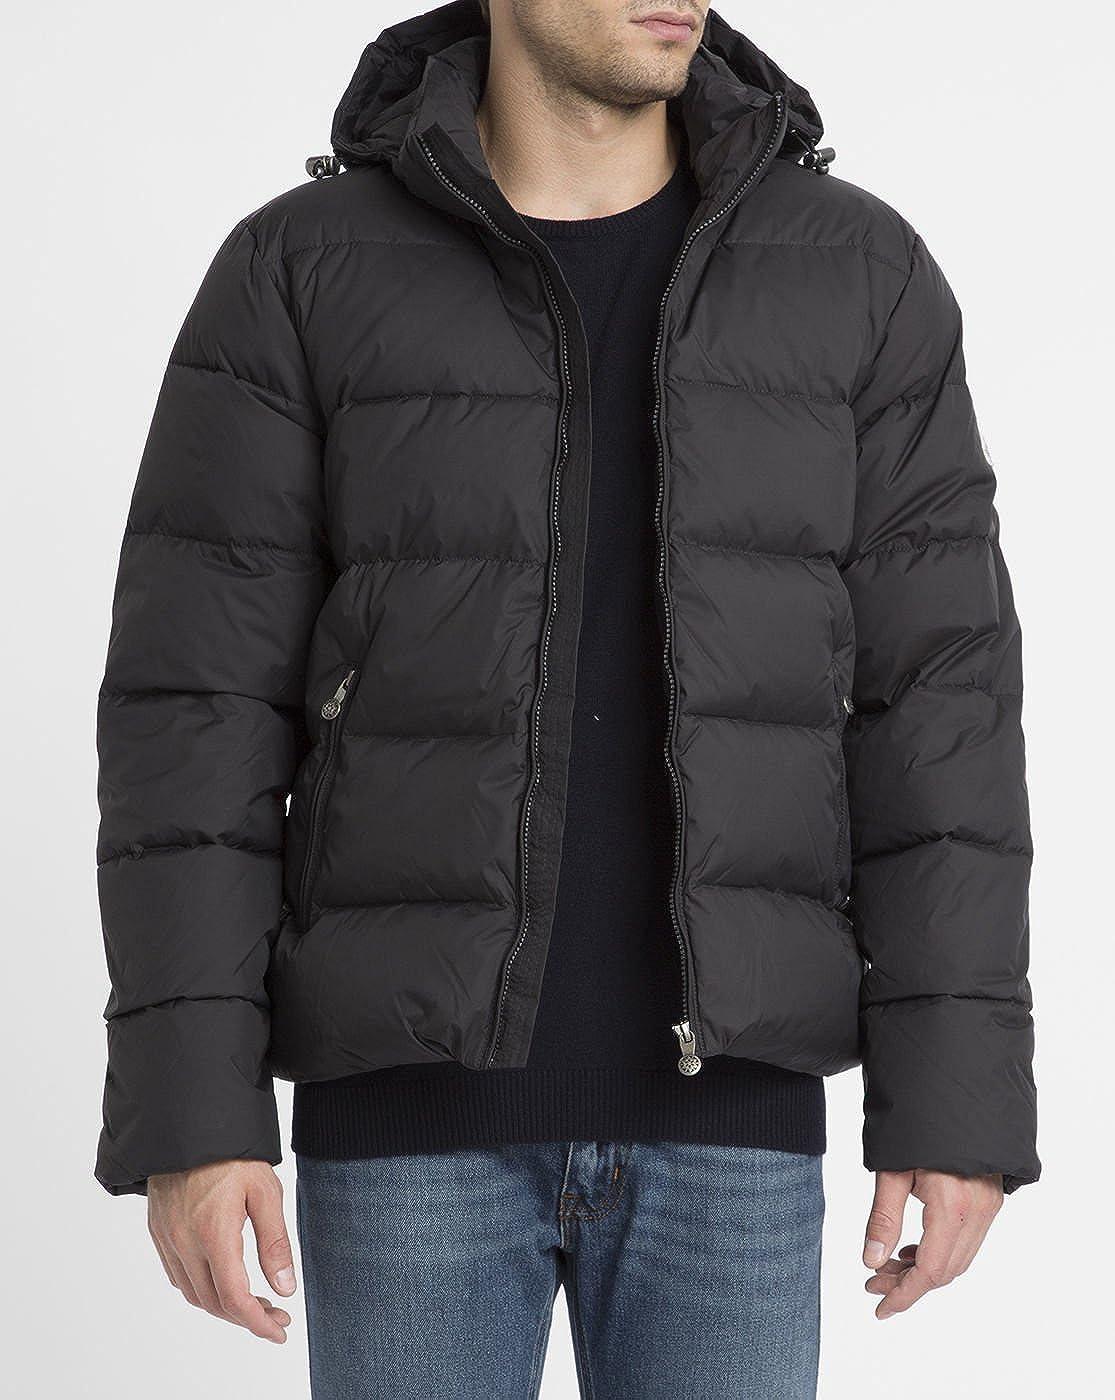 54f6deb3e5a PYRENEX - Down Jackets - Men - Black Matte Spoutnic Removable Hood ...